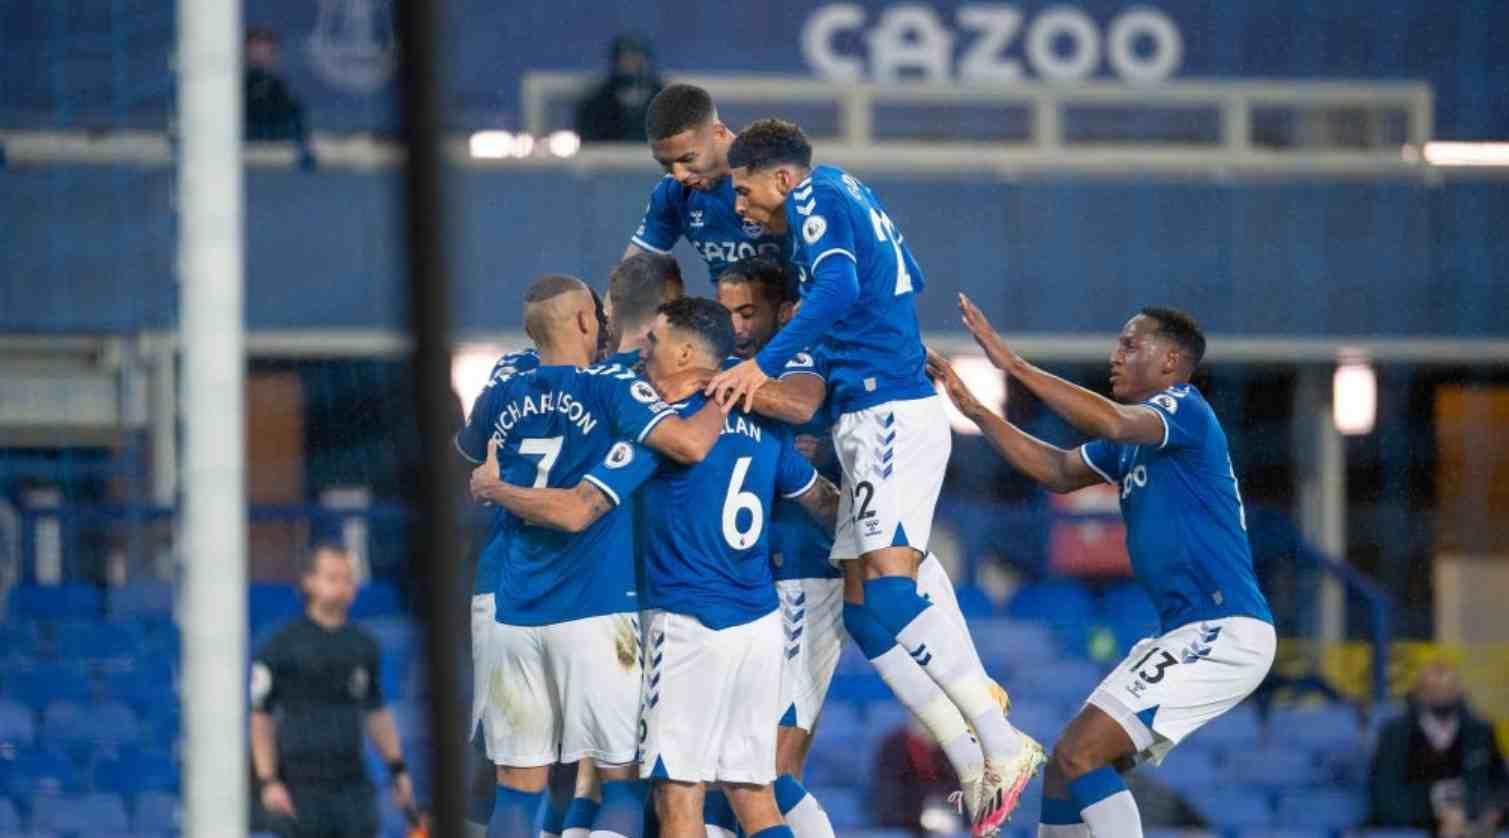 ¡Everton FC felicitó al América de Cali por el título!